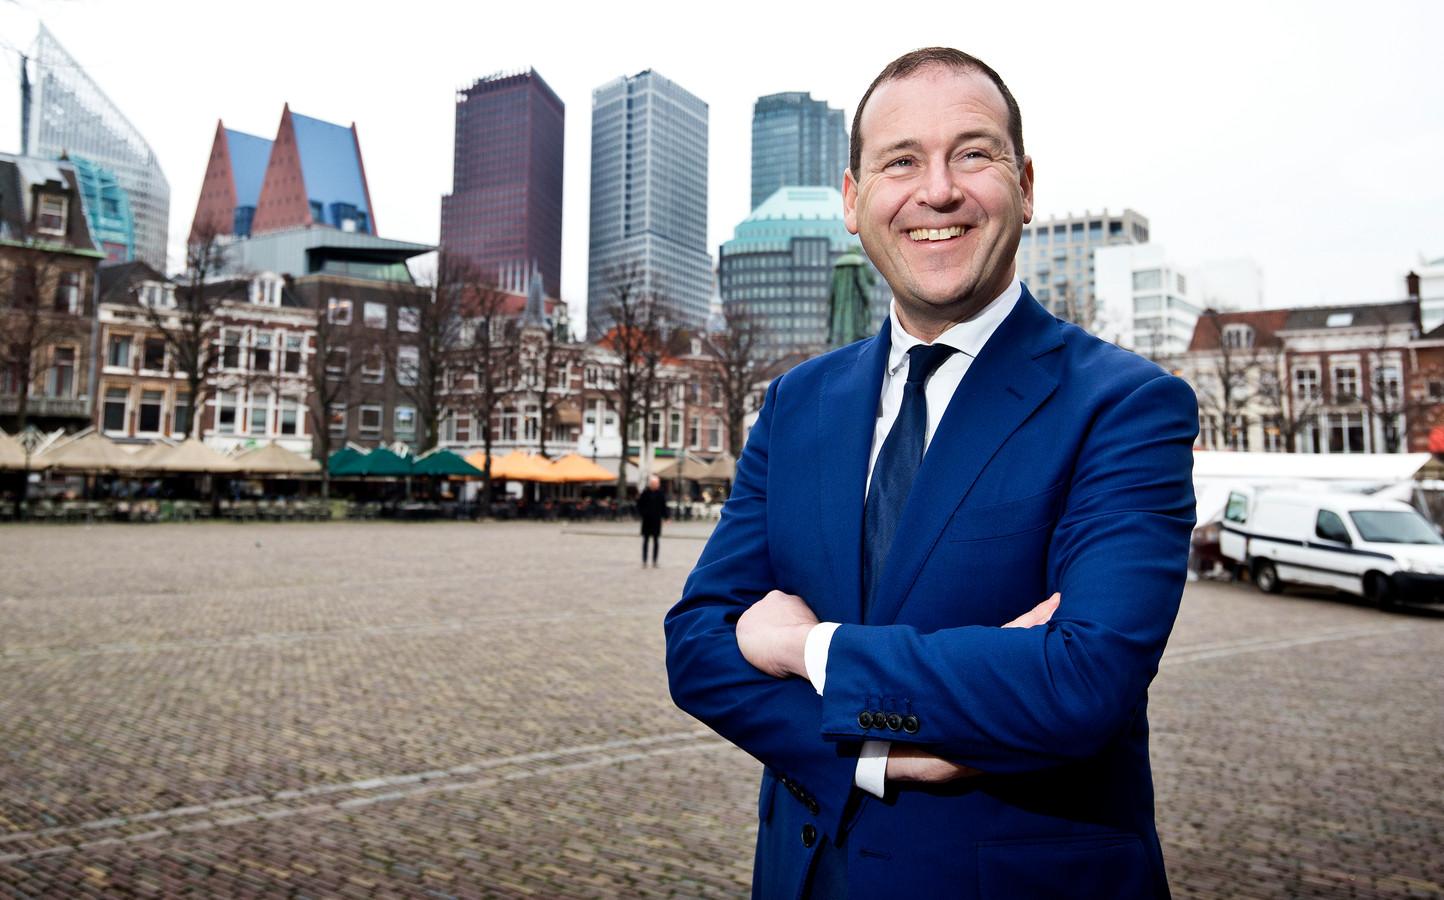 PvdA fractievoorzitter Lodewijk Asscher